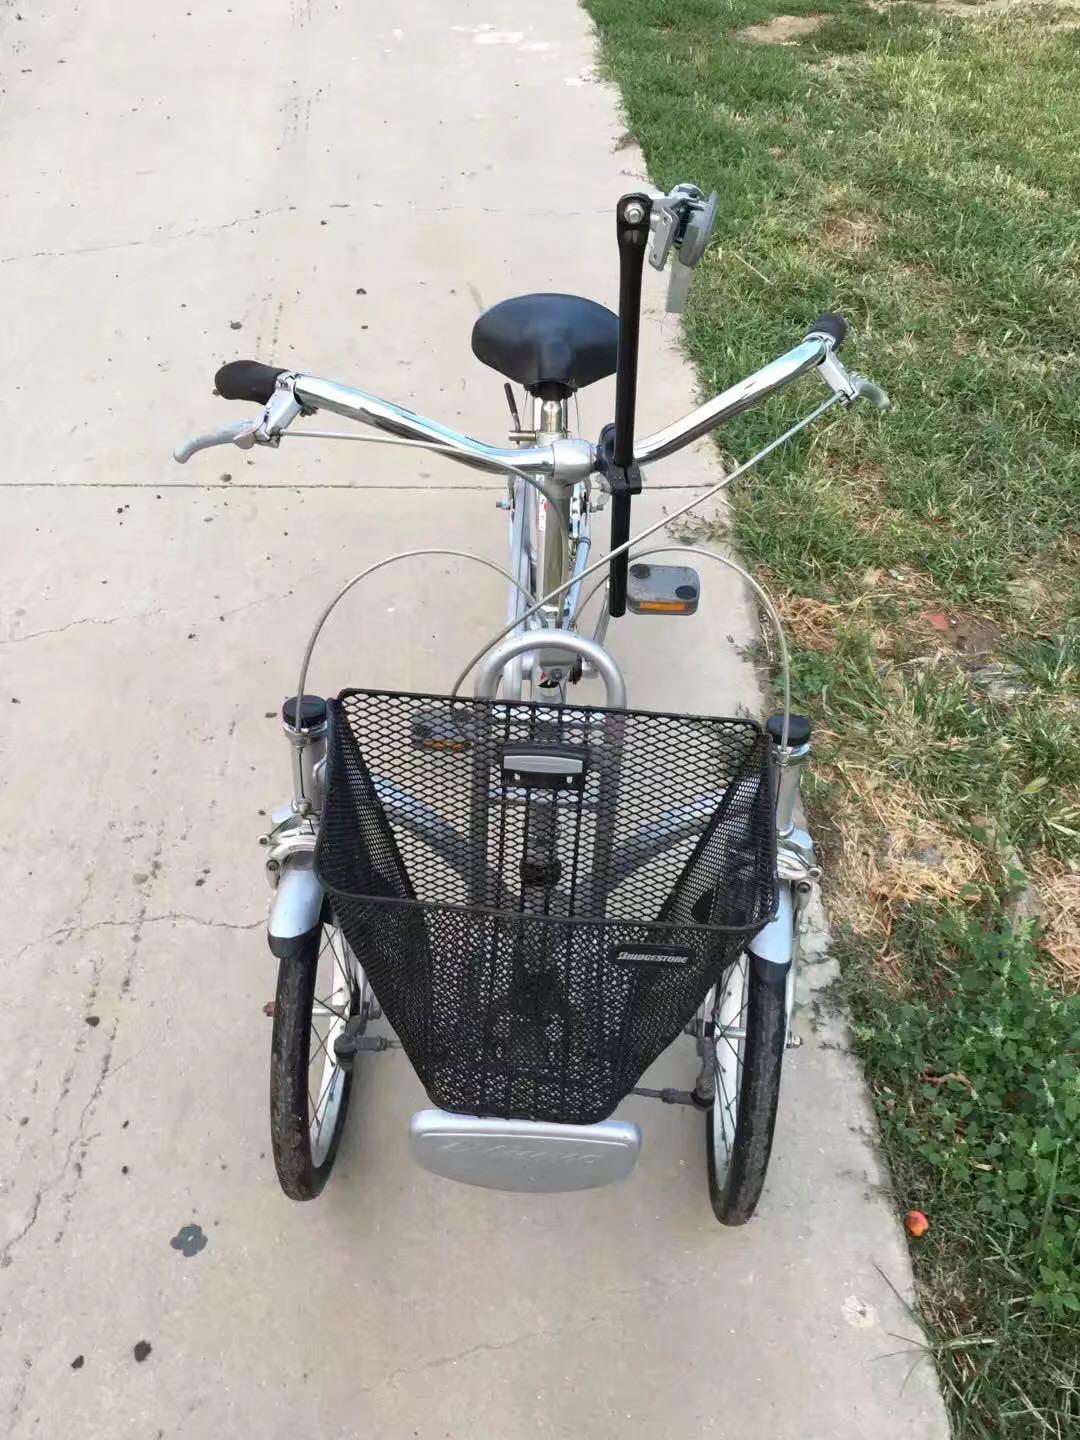 Japón utiliza bicicletas original de este triciclo rueda delantera de 16 ruedas Bridgestone - 20